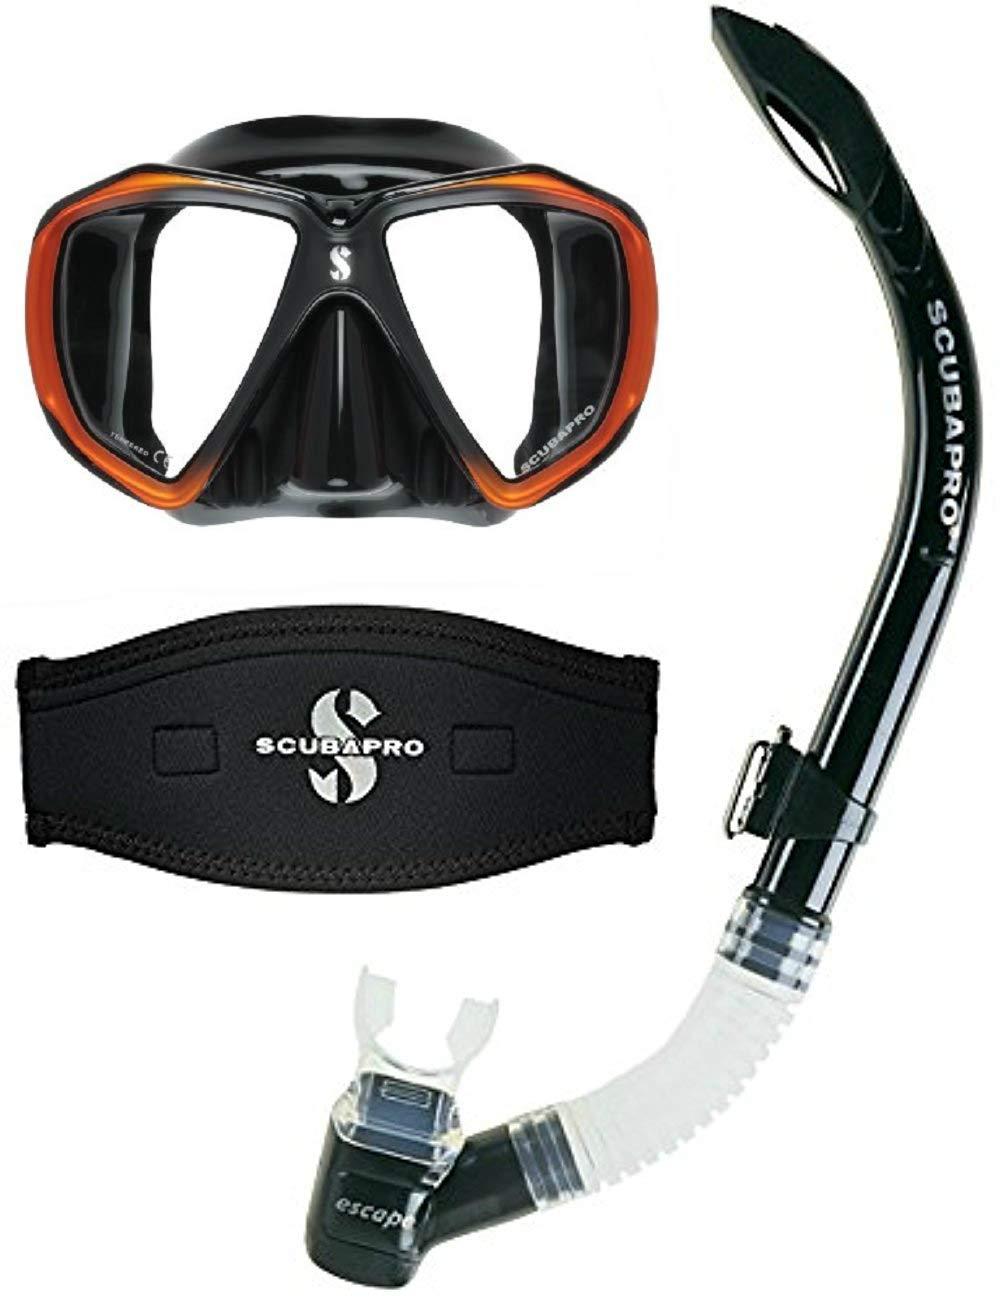 Scubapro Spectra Scuba Dive Mask Black/Bronze w/Neoprene Strap Cover & Escape Semi-Dry Snorkel